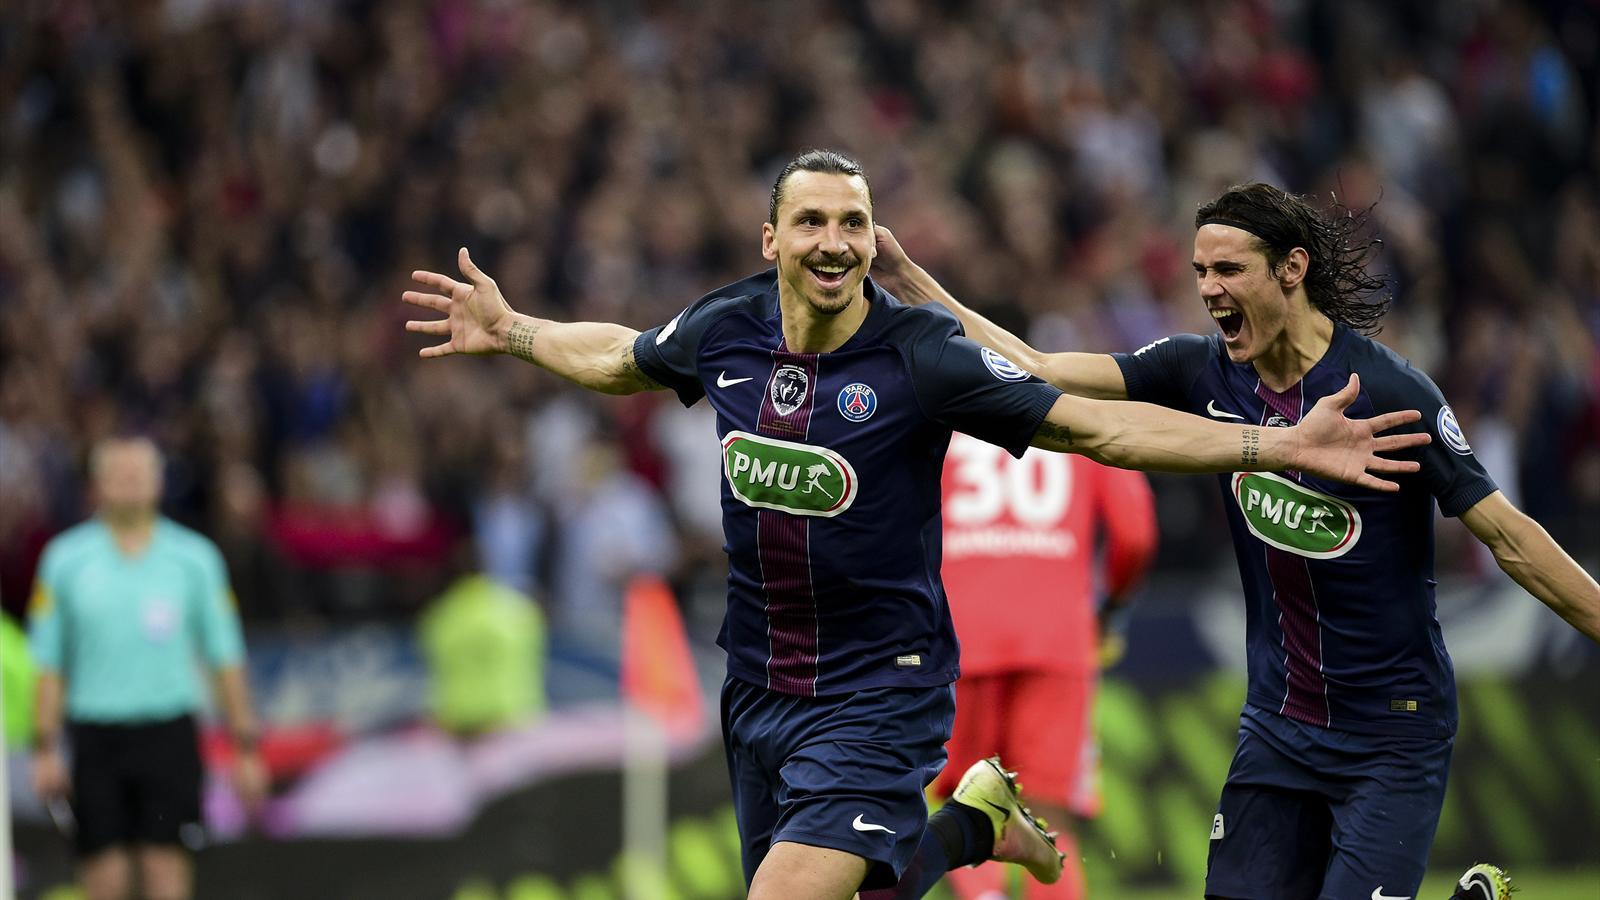 En direct live om psg coupe de france 21 mai 2016 - Resultats coupe de france football 2015 ...